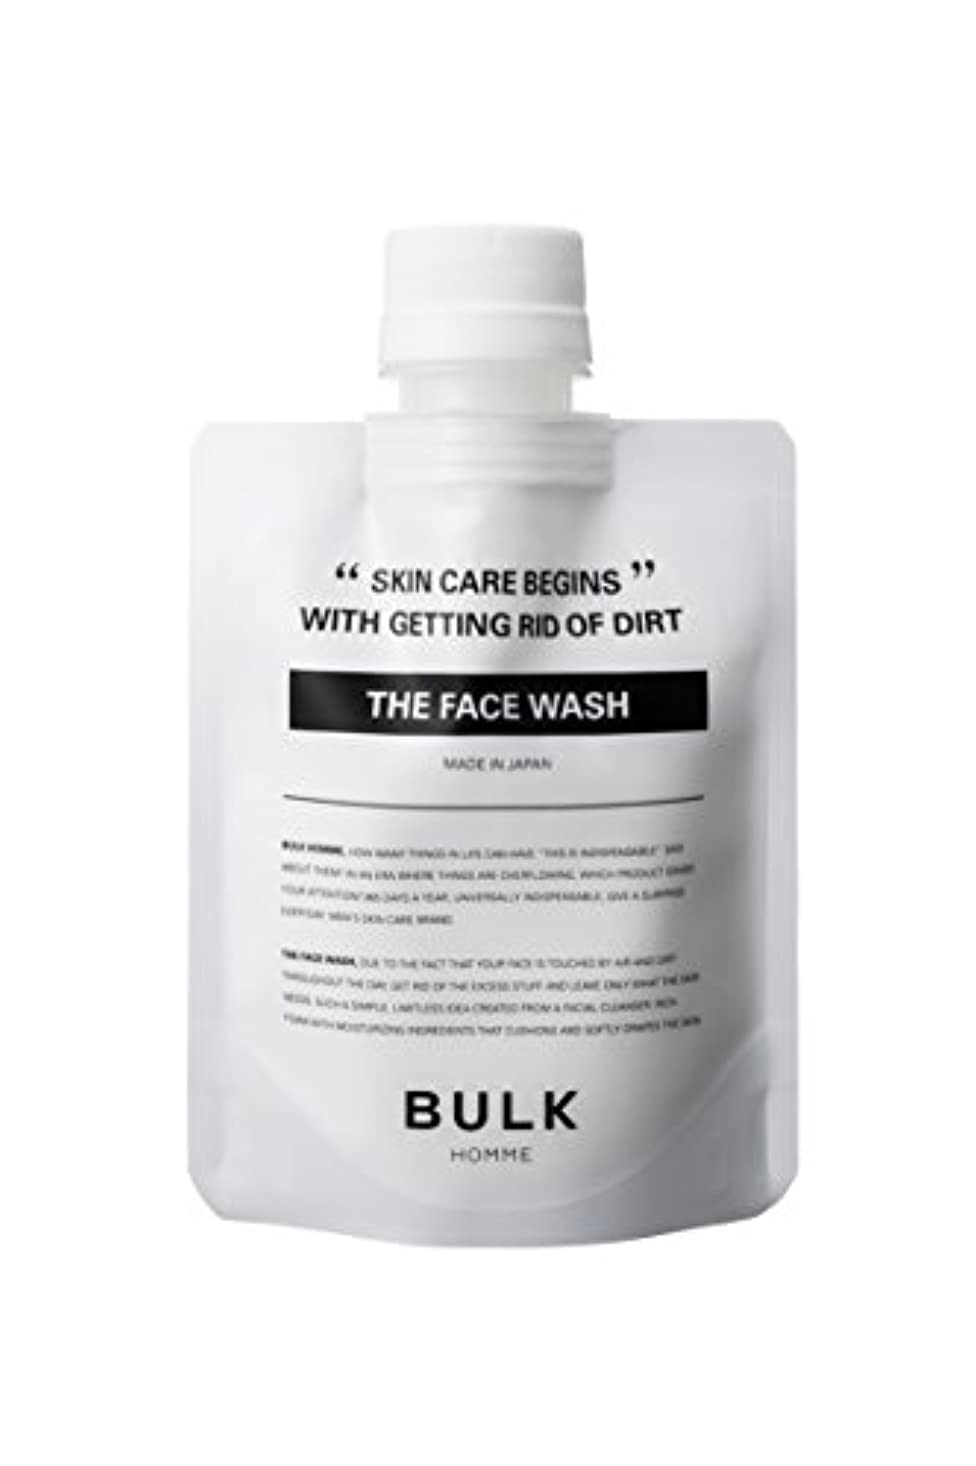 バイパスムスタチオ閲覧するバルクオム (BULK HOMME) BULK HOMME THE FACE WASH 洗顔料 単品 100g